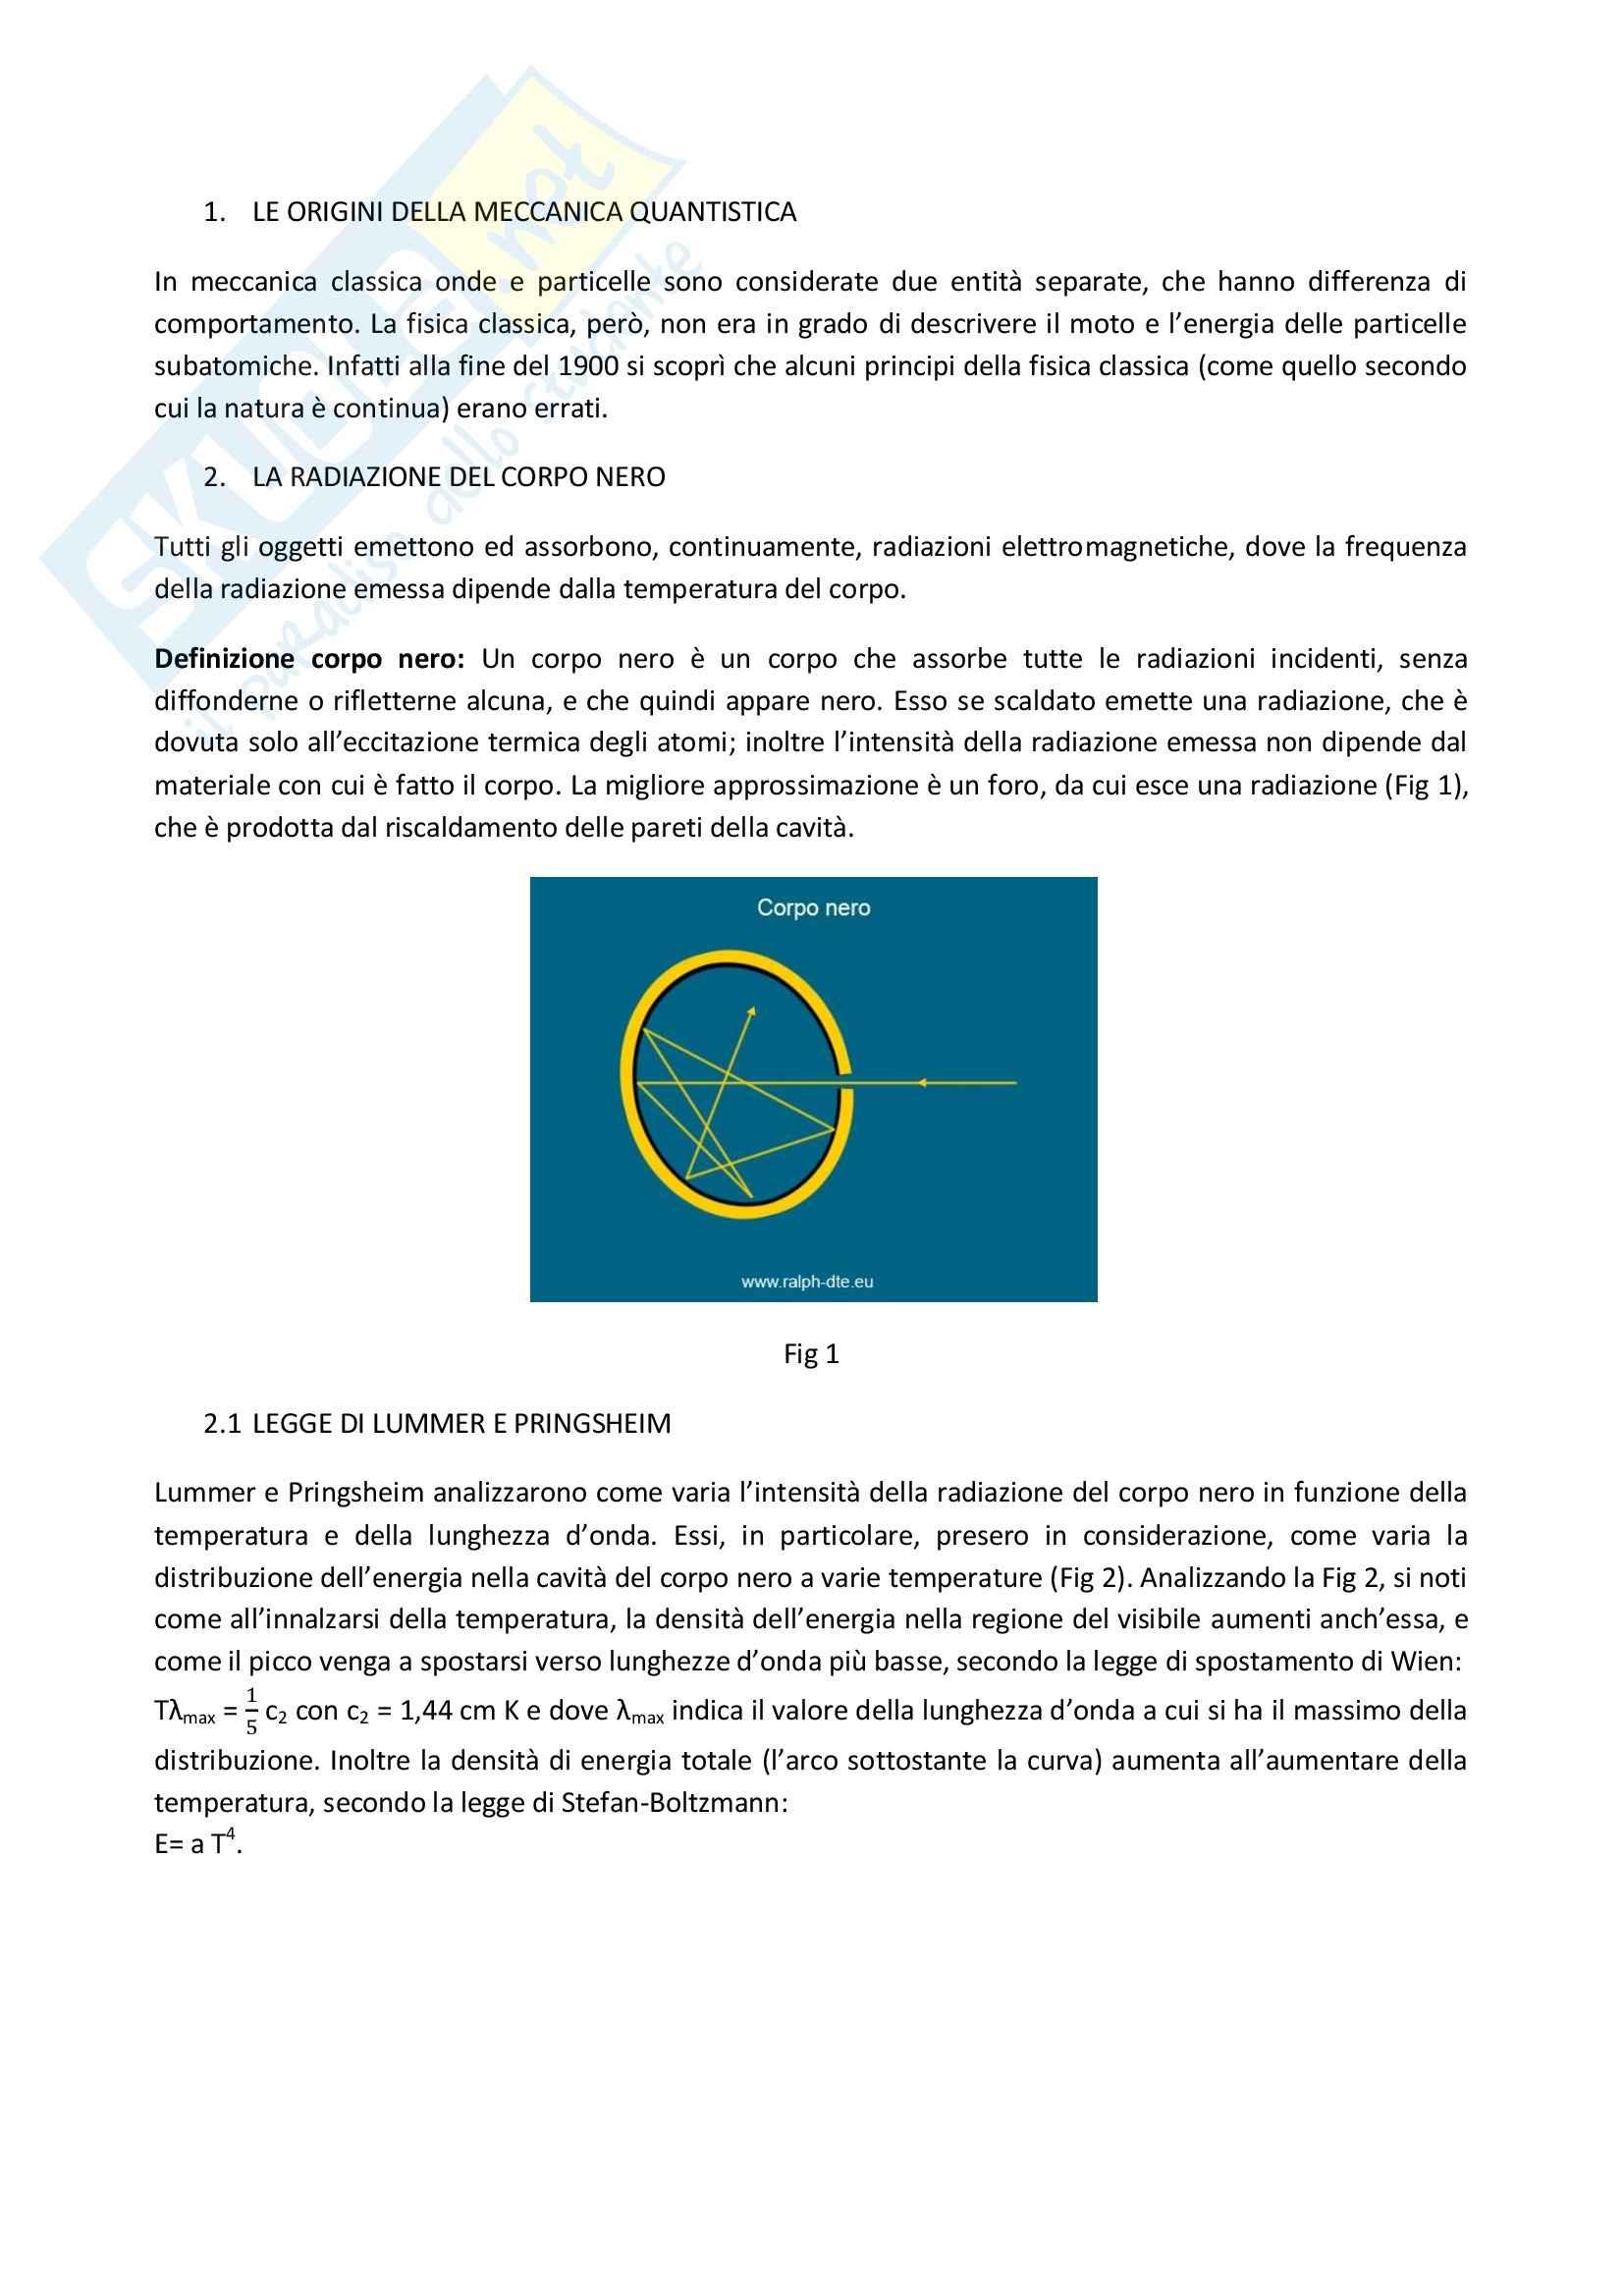 Fisica generale 1 - il corpo nero